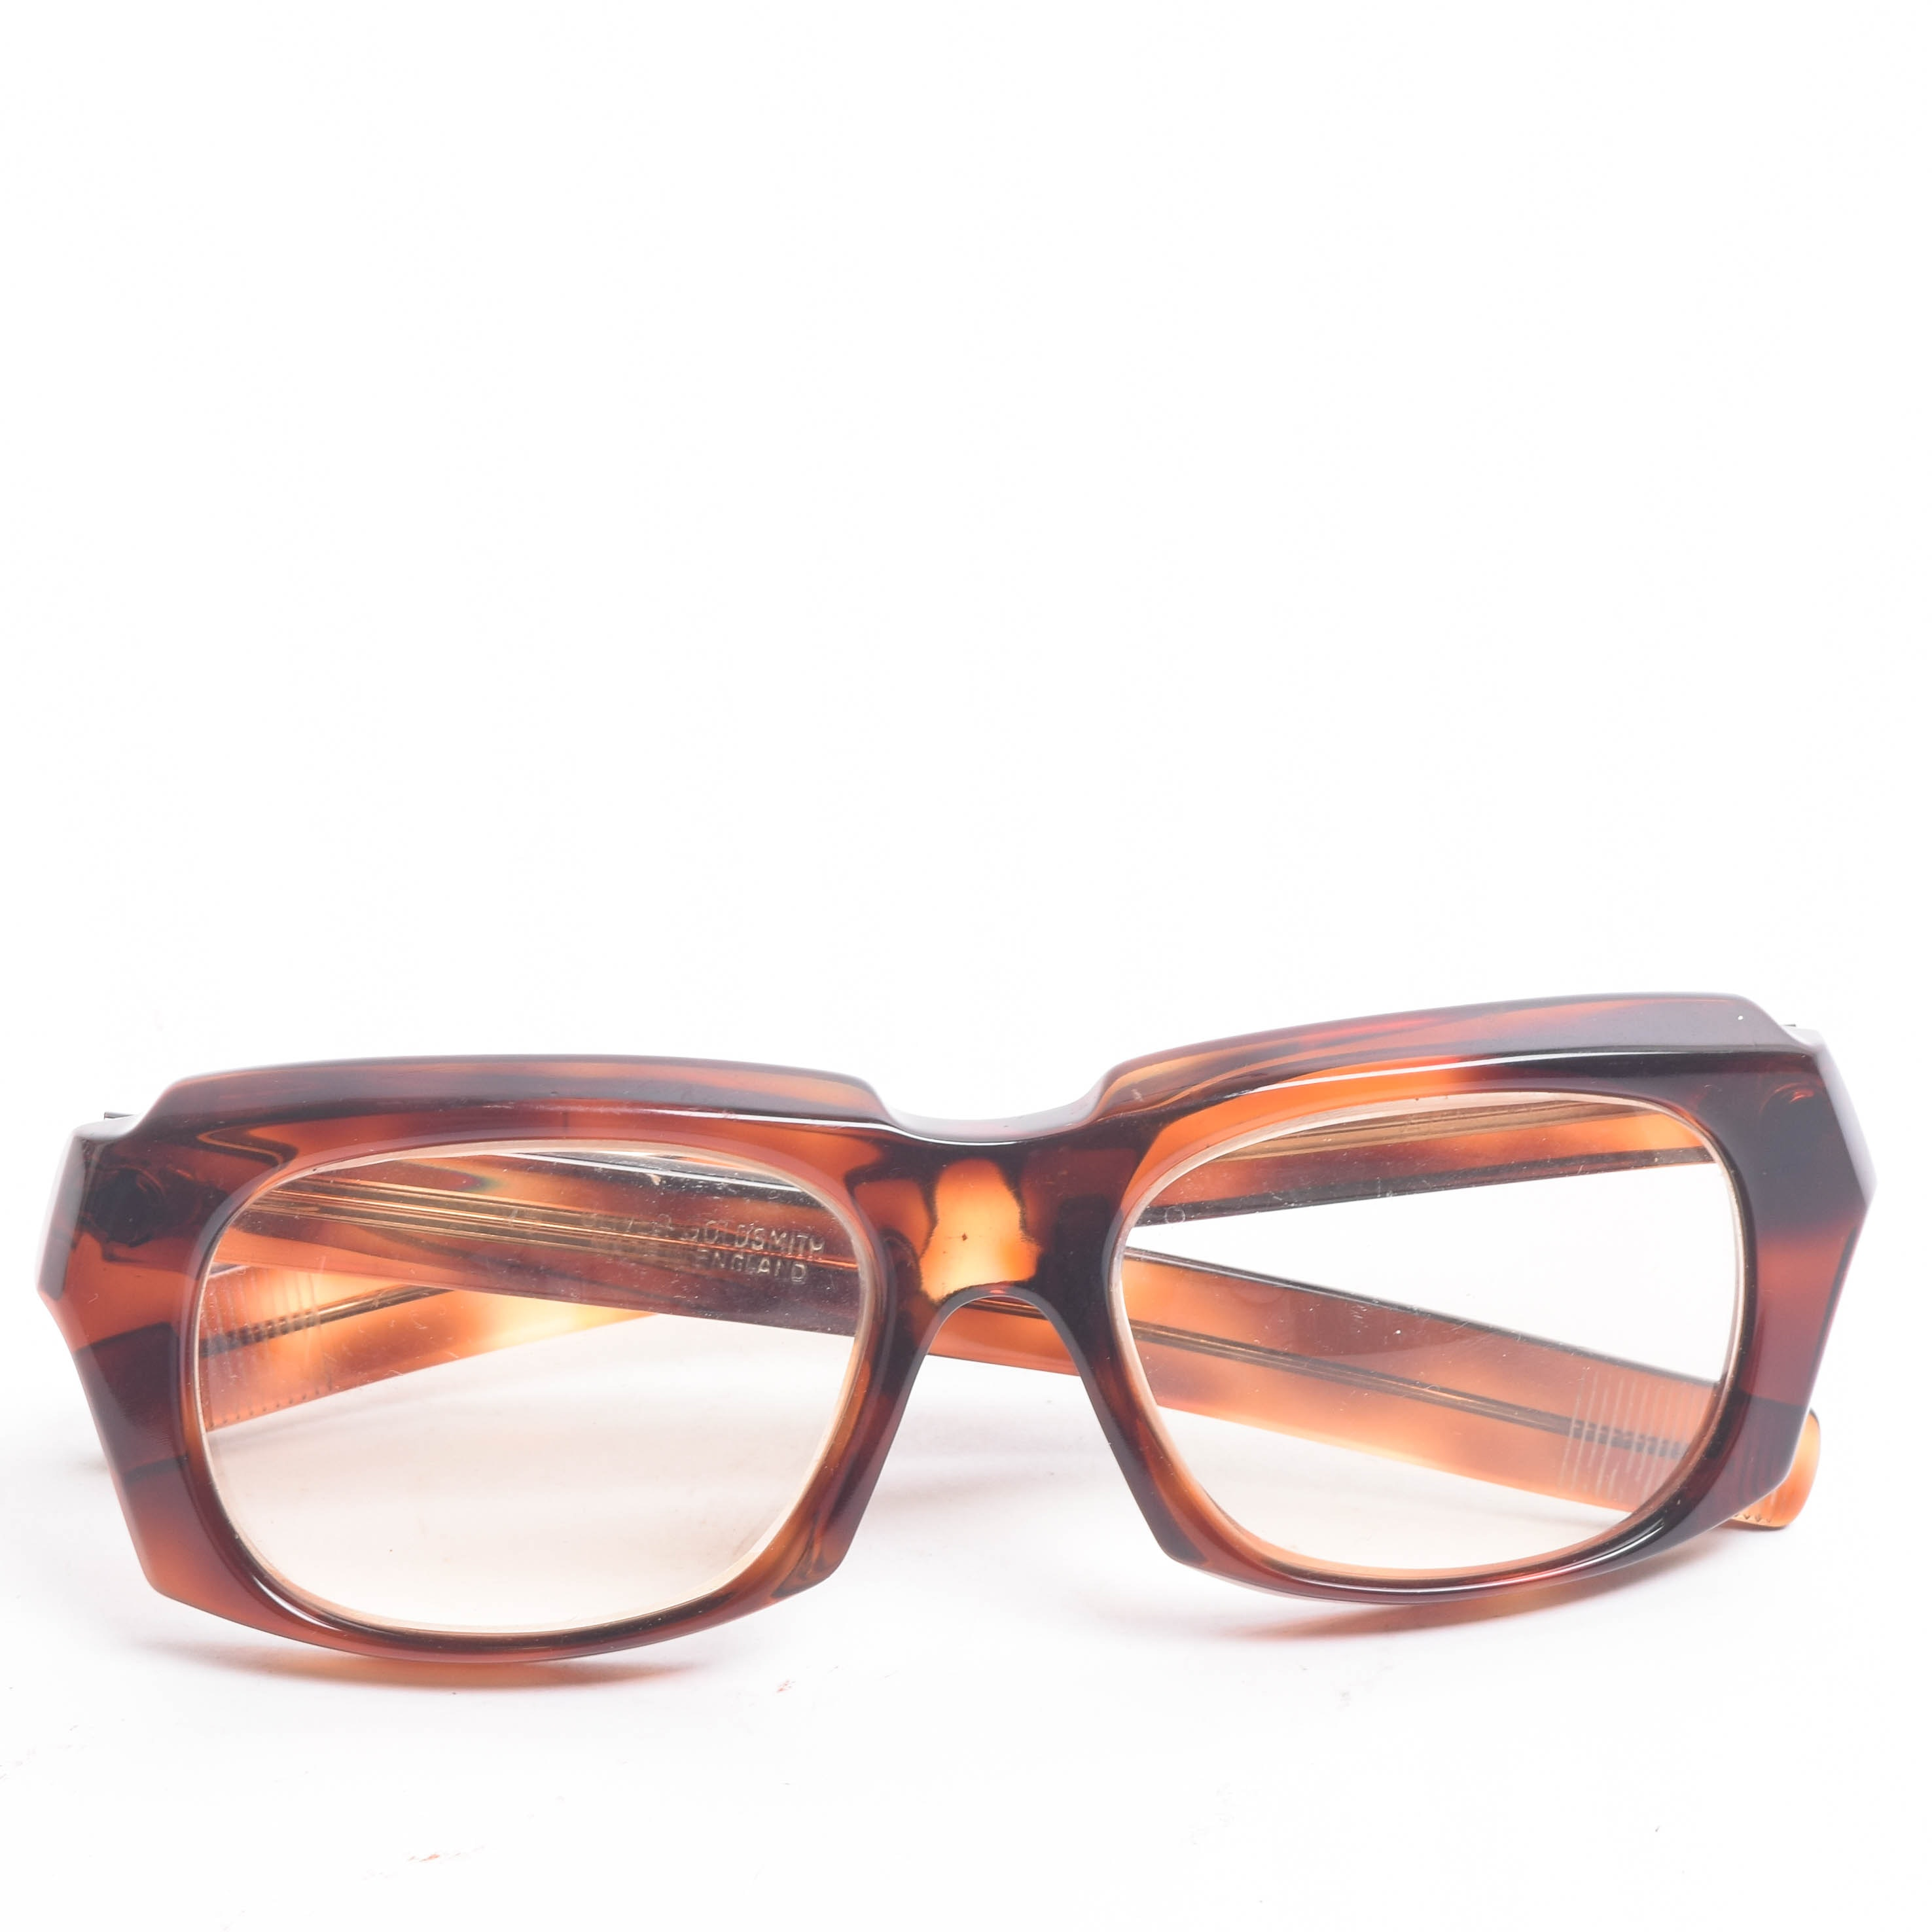 Vintage Oliver Goldsmith Glasses